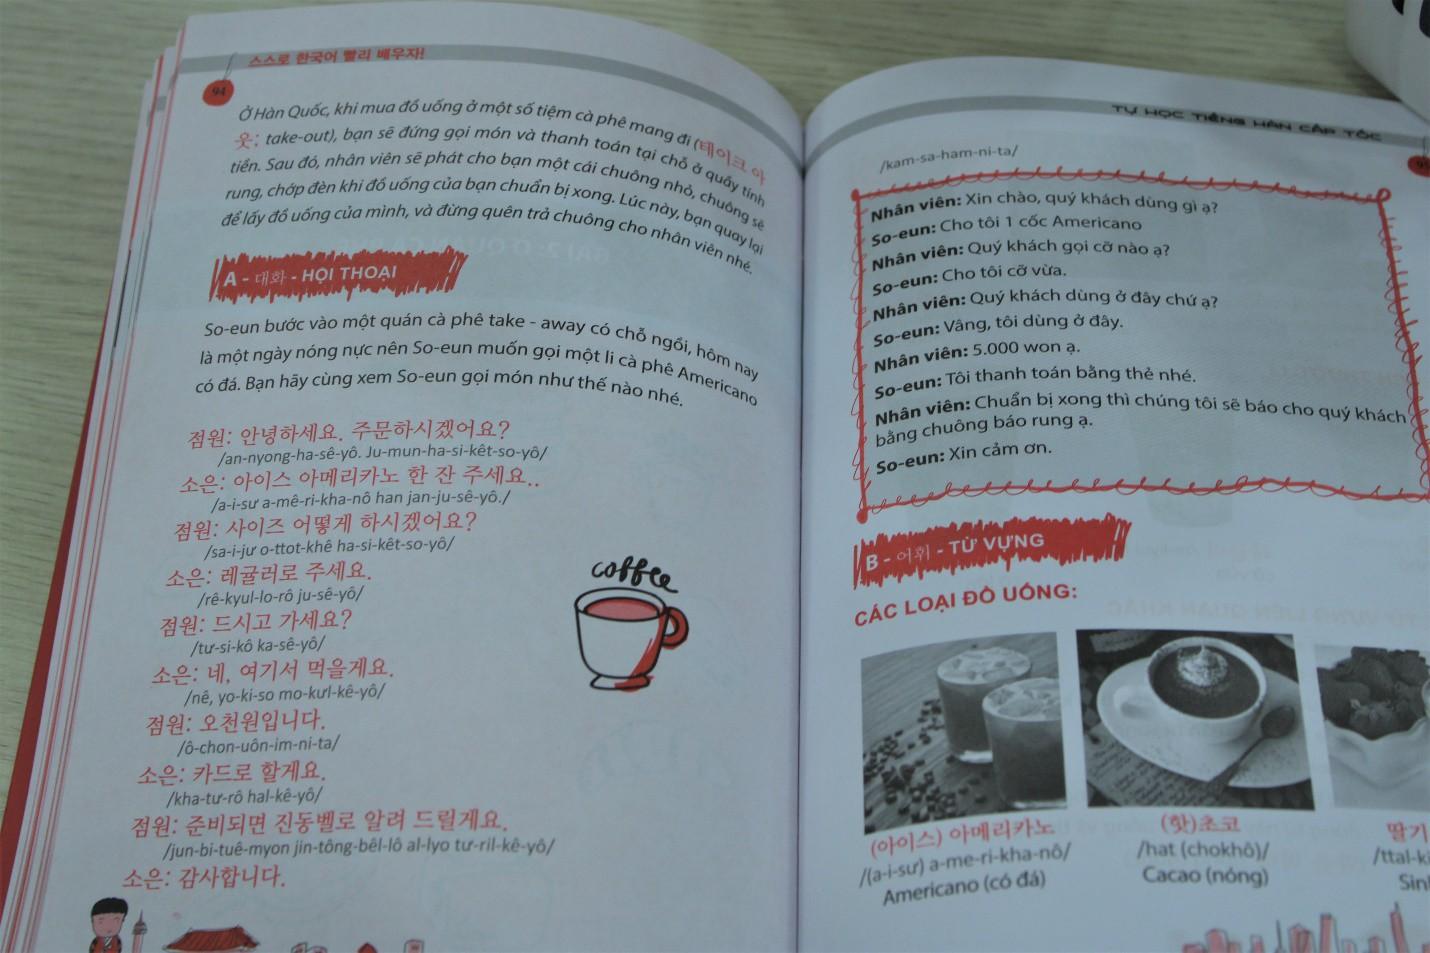 Cuốn sách giúp bạn tự học tiếng Hàn cấp tốc mà vẫn hiệu quả - Ảnh 4.